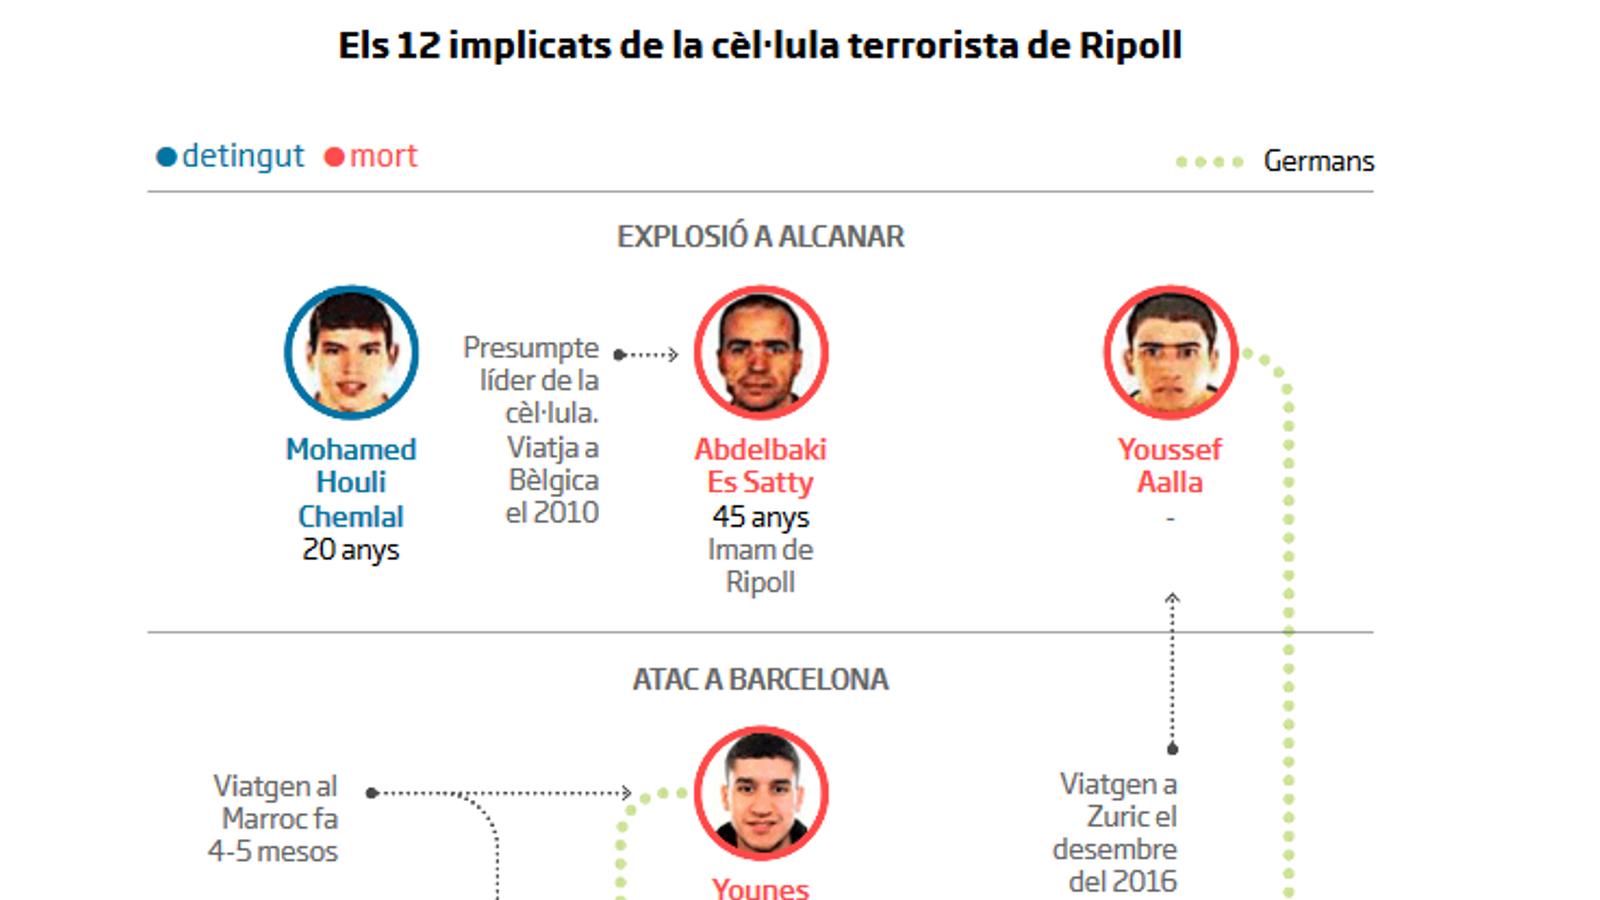 D'Alcanar a Subirats: reconstrucció de l'atac terrorista a Catalunya